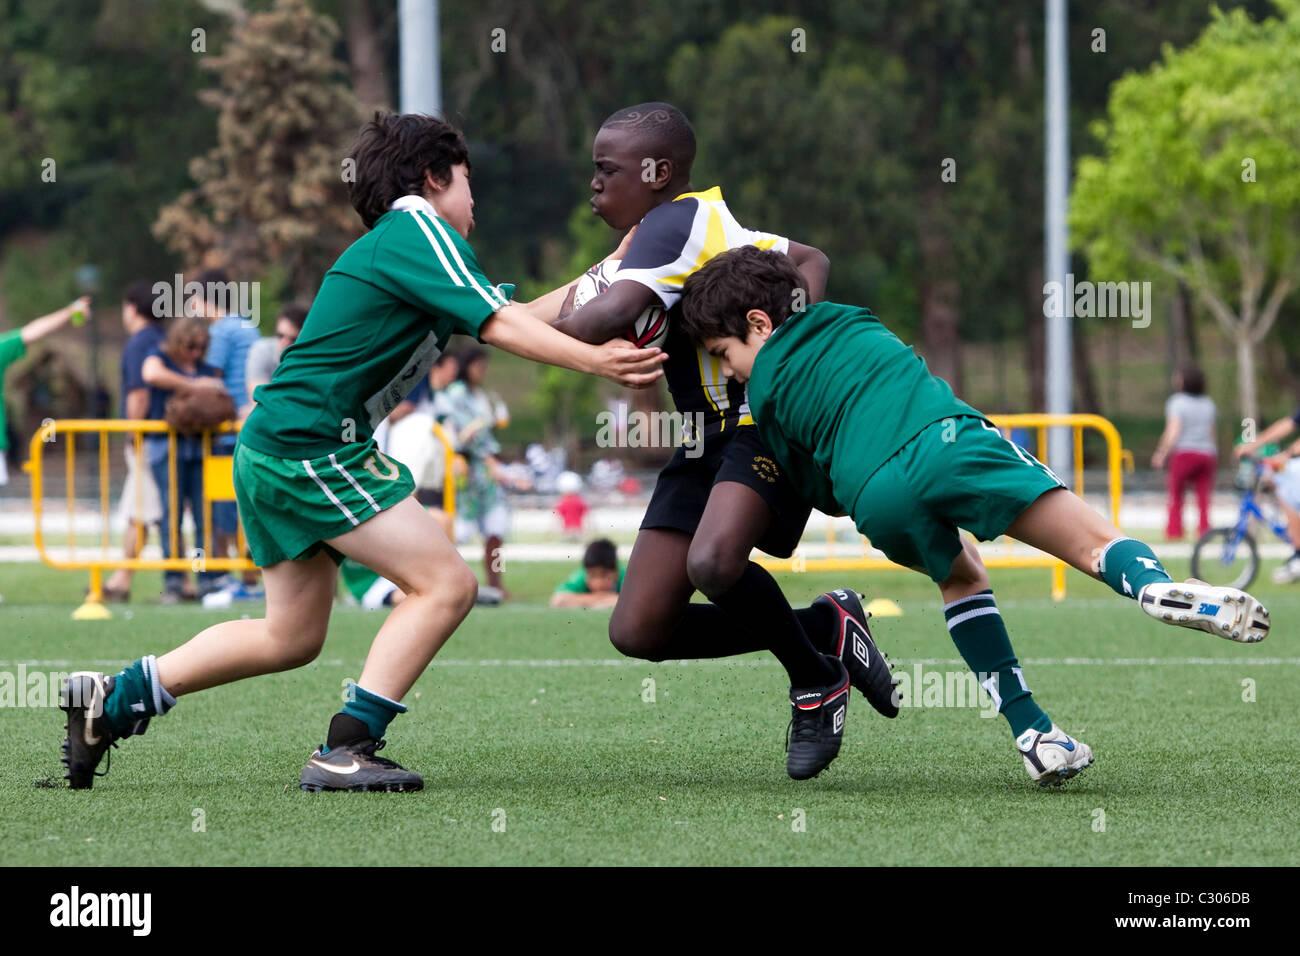 Los muchachos playng rugby en el Rugby 2011 Festival de la Juventud de Portugal, Lisboa. Imagen De Stock